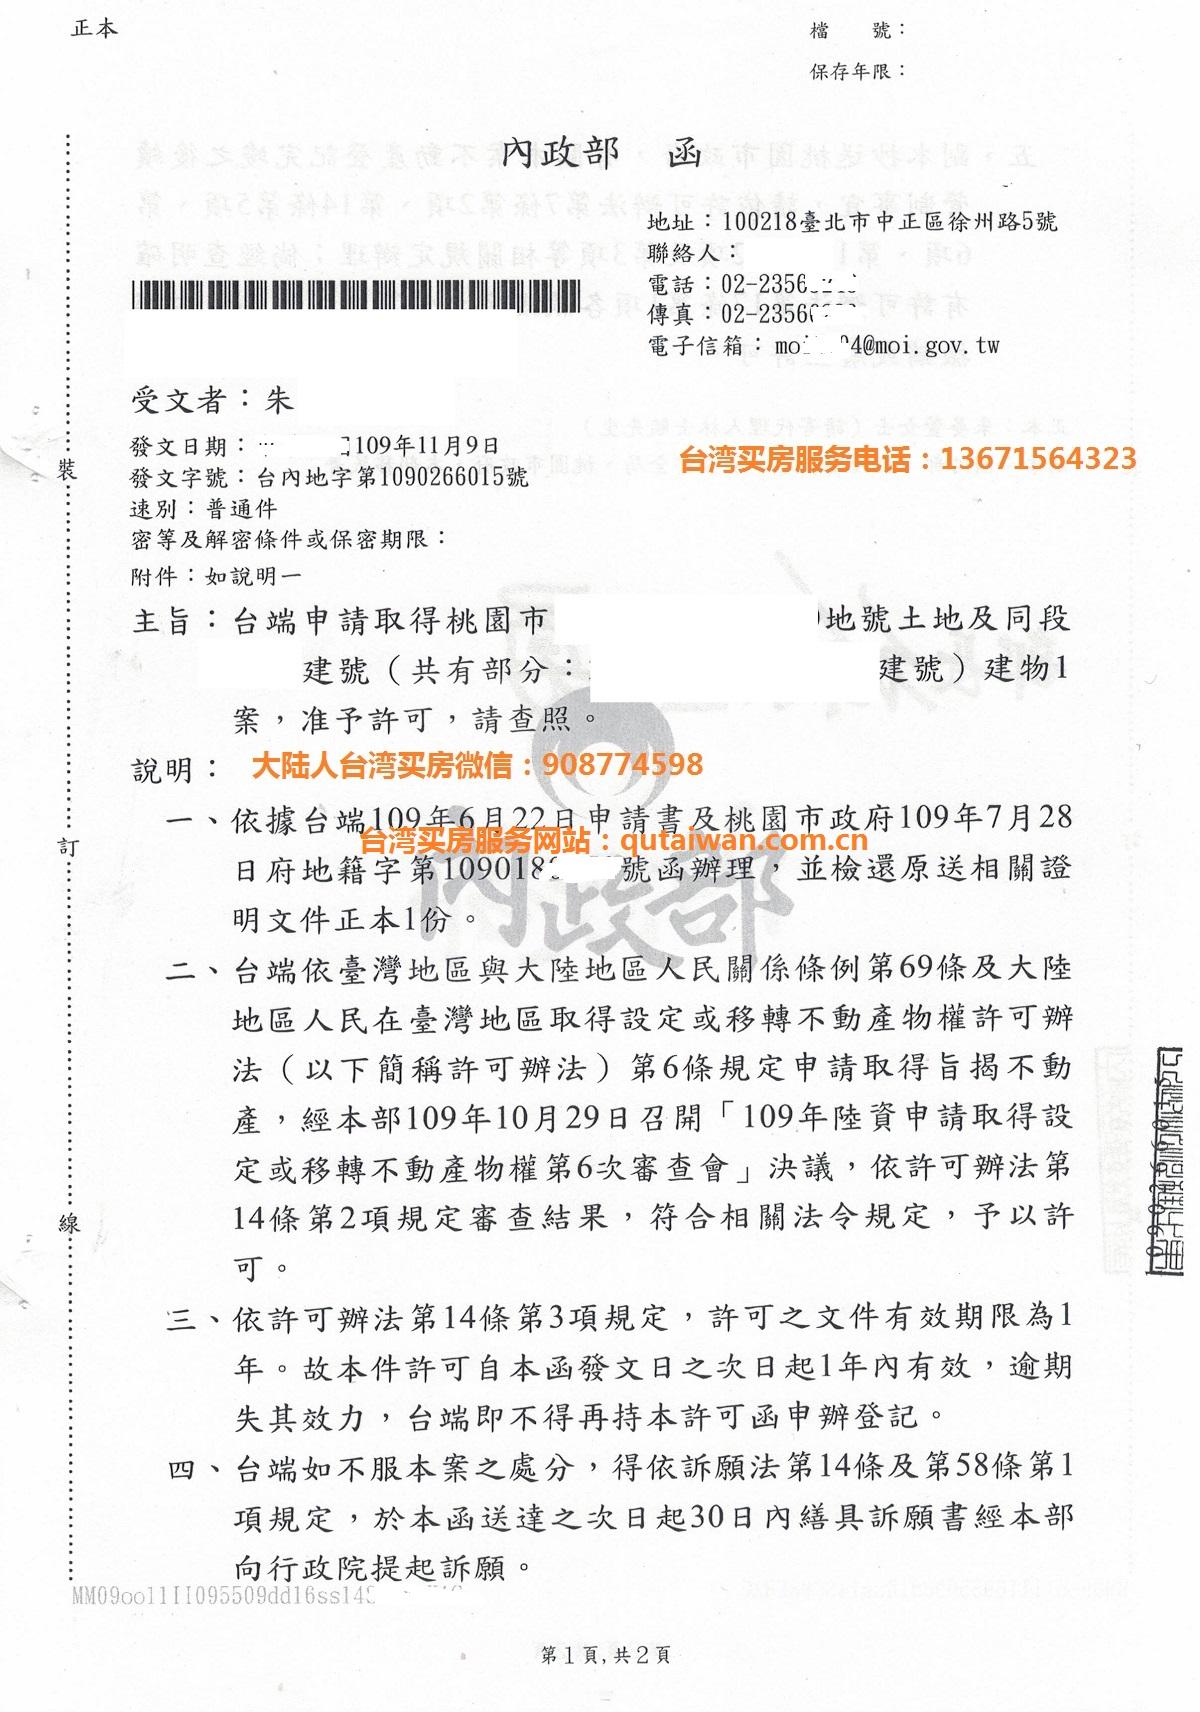 2020年大陆人士台湾购房成功案例核准函-购买桃园房产